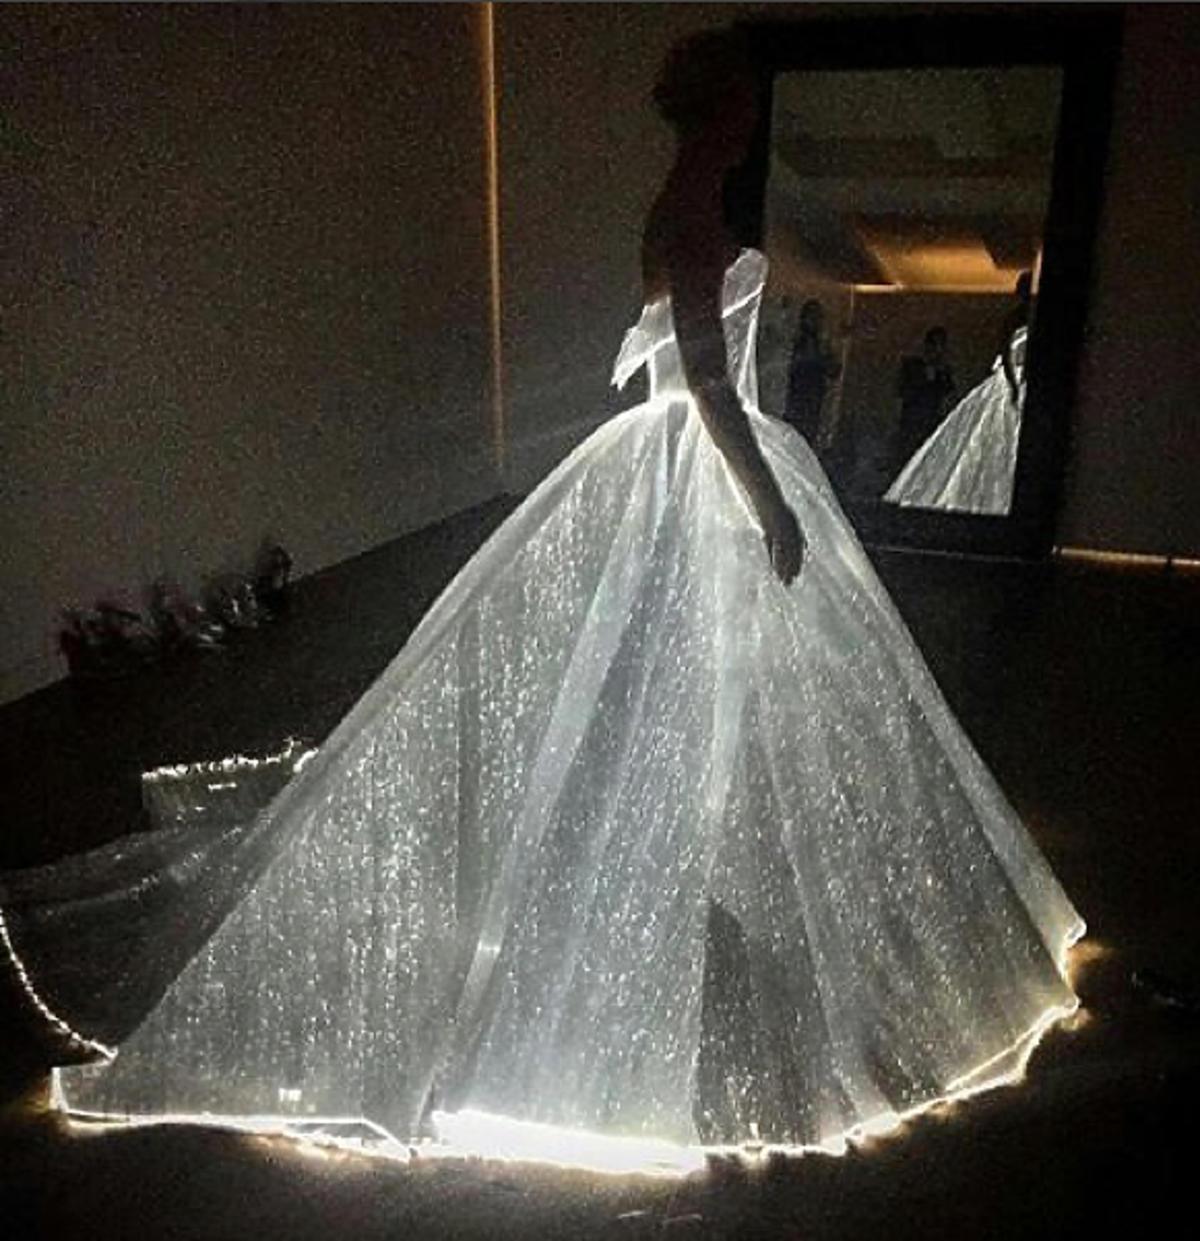 Podświetlana suknia od Zaca Posena na aktorce Claire Danes